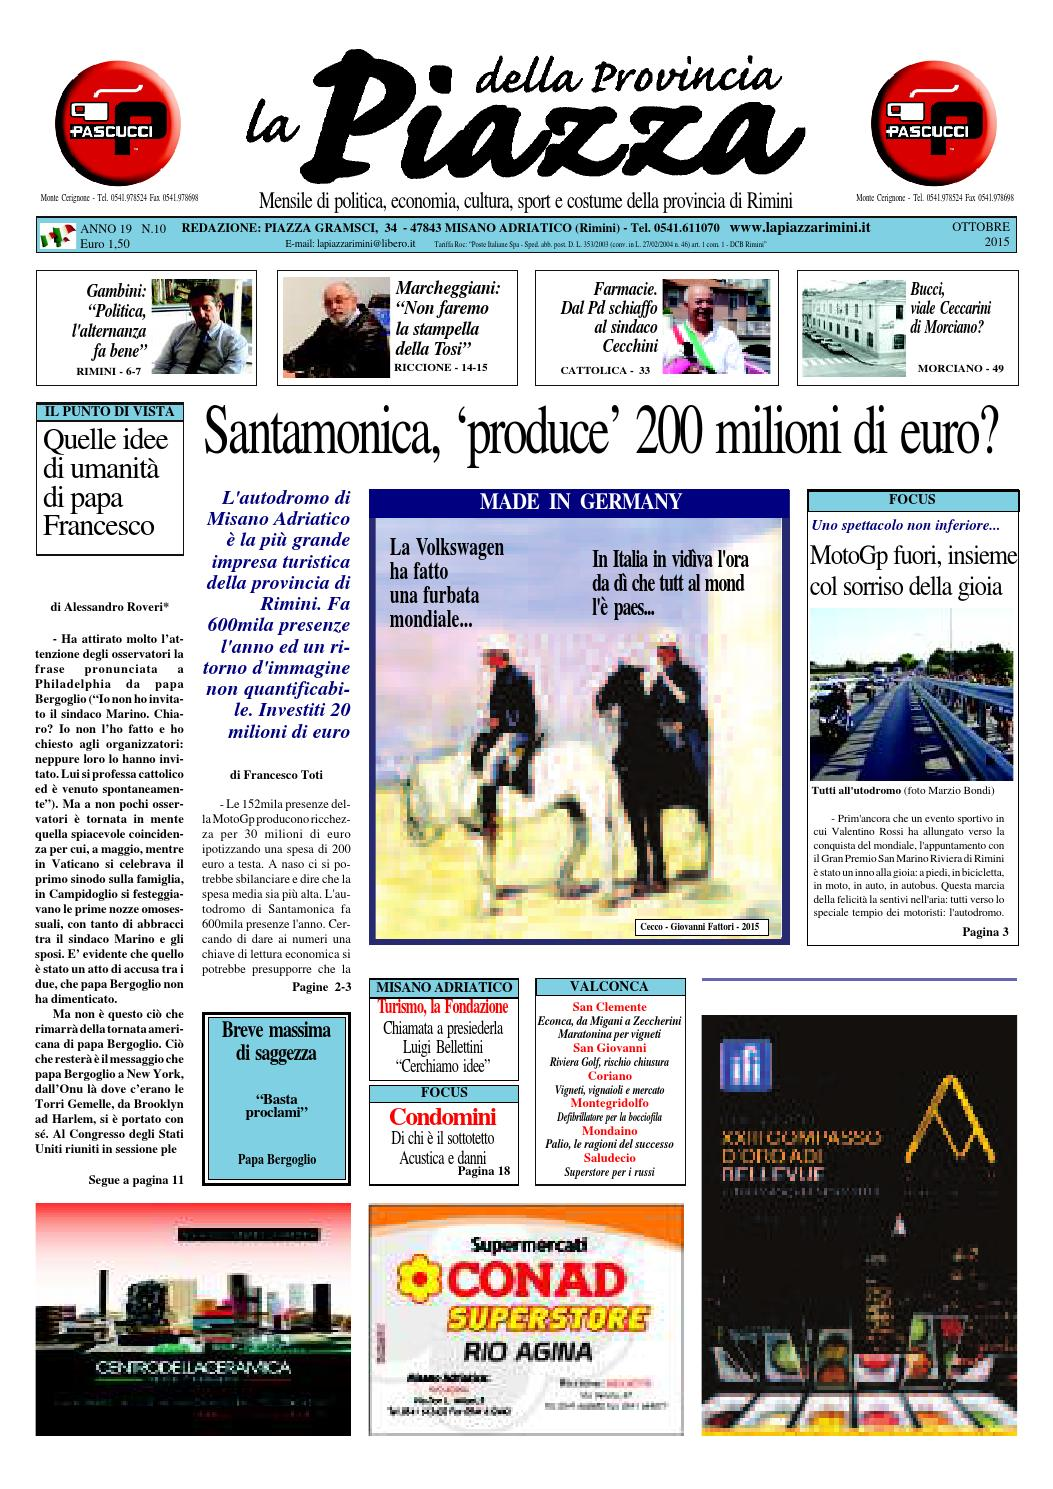 Ottobre 2015 - La Piazza Rimini by La Piazza della Provincia - issuu 27b2bf250c5